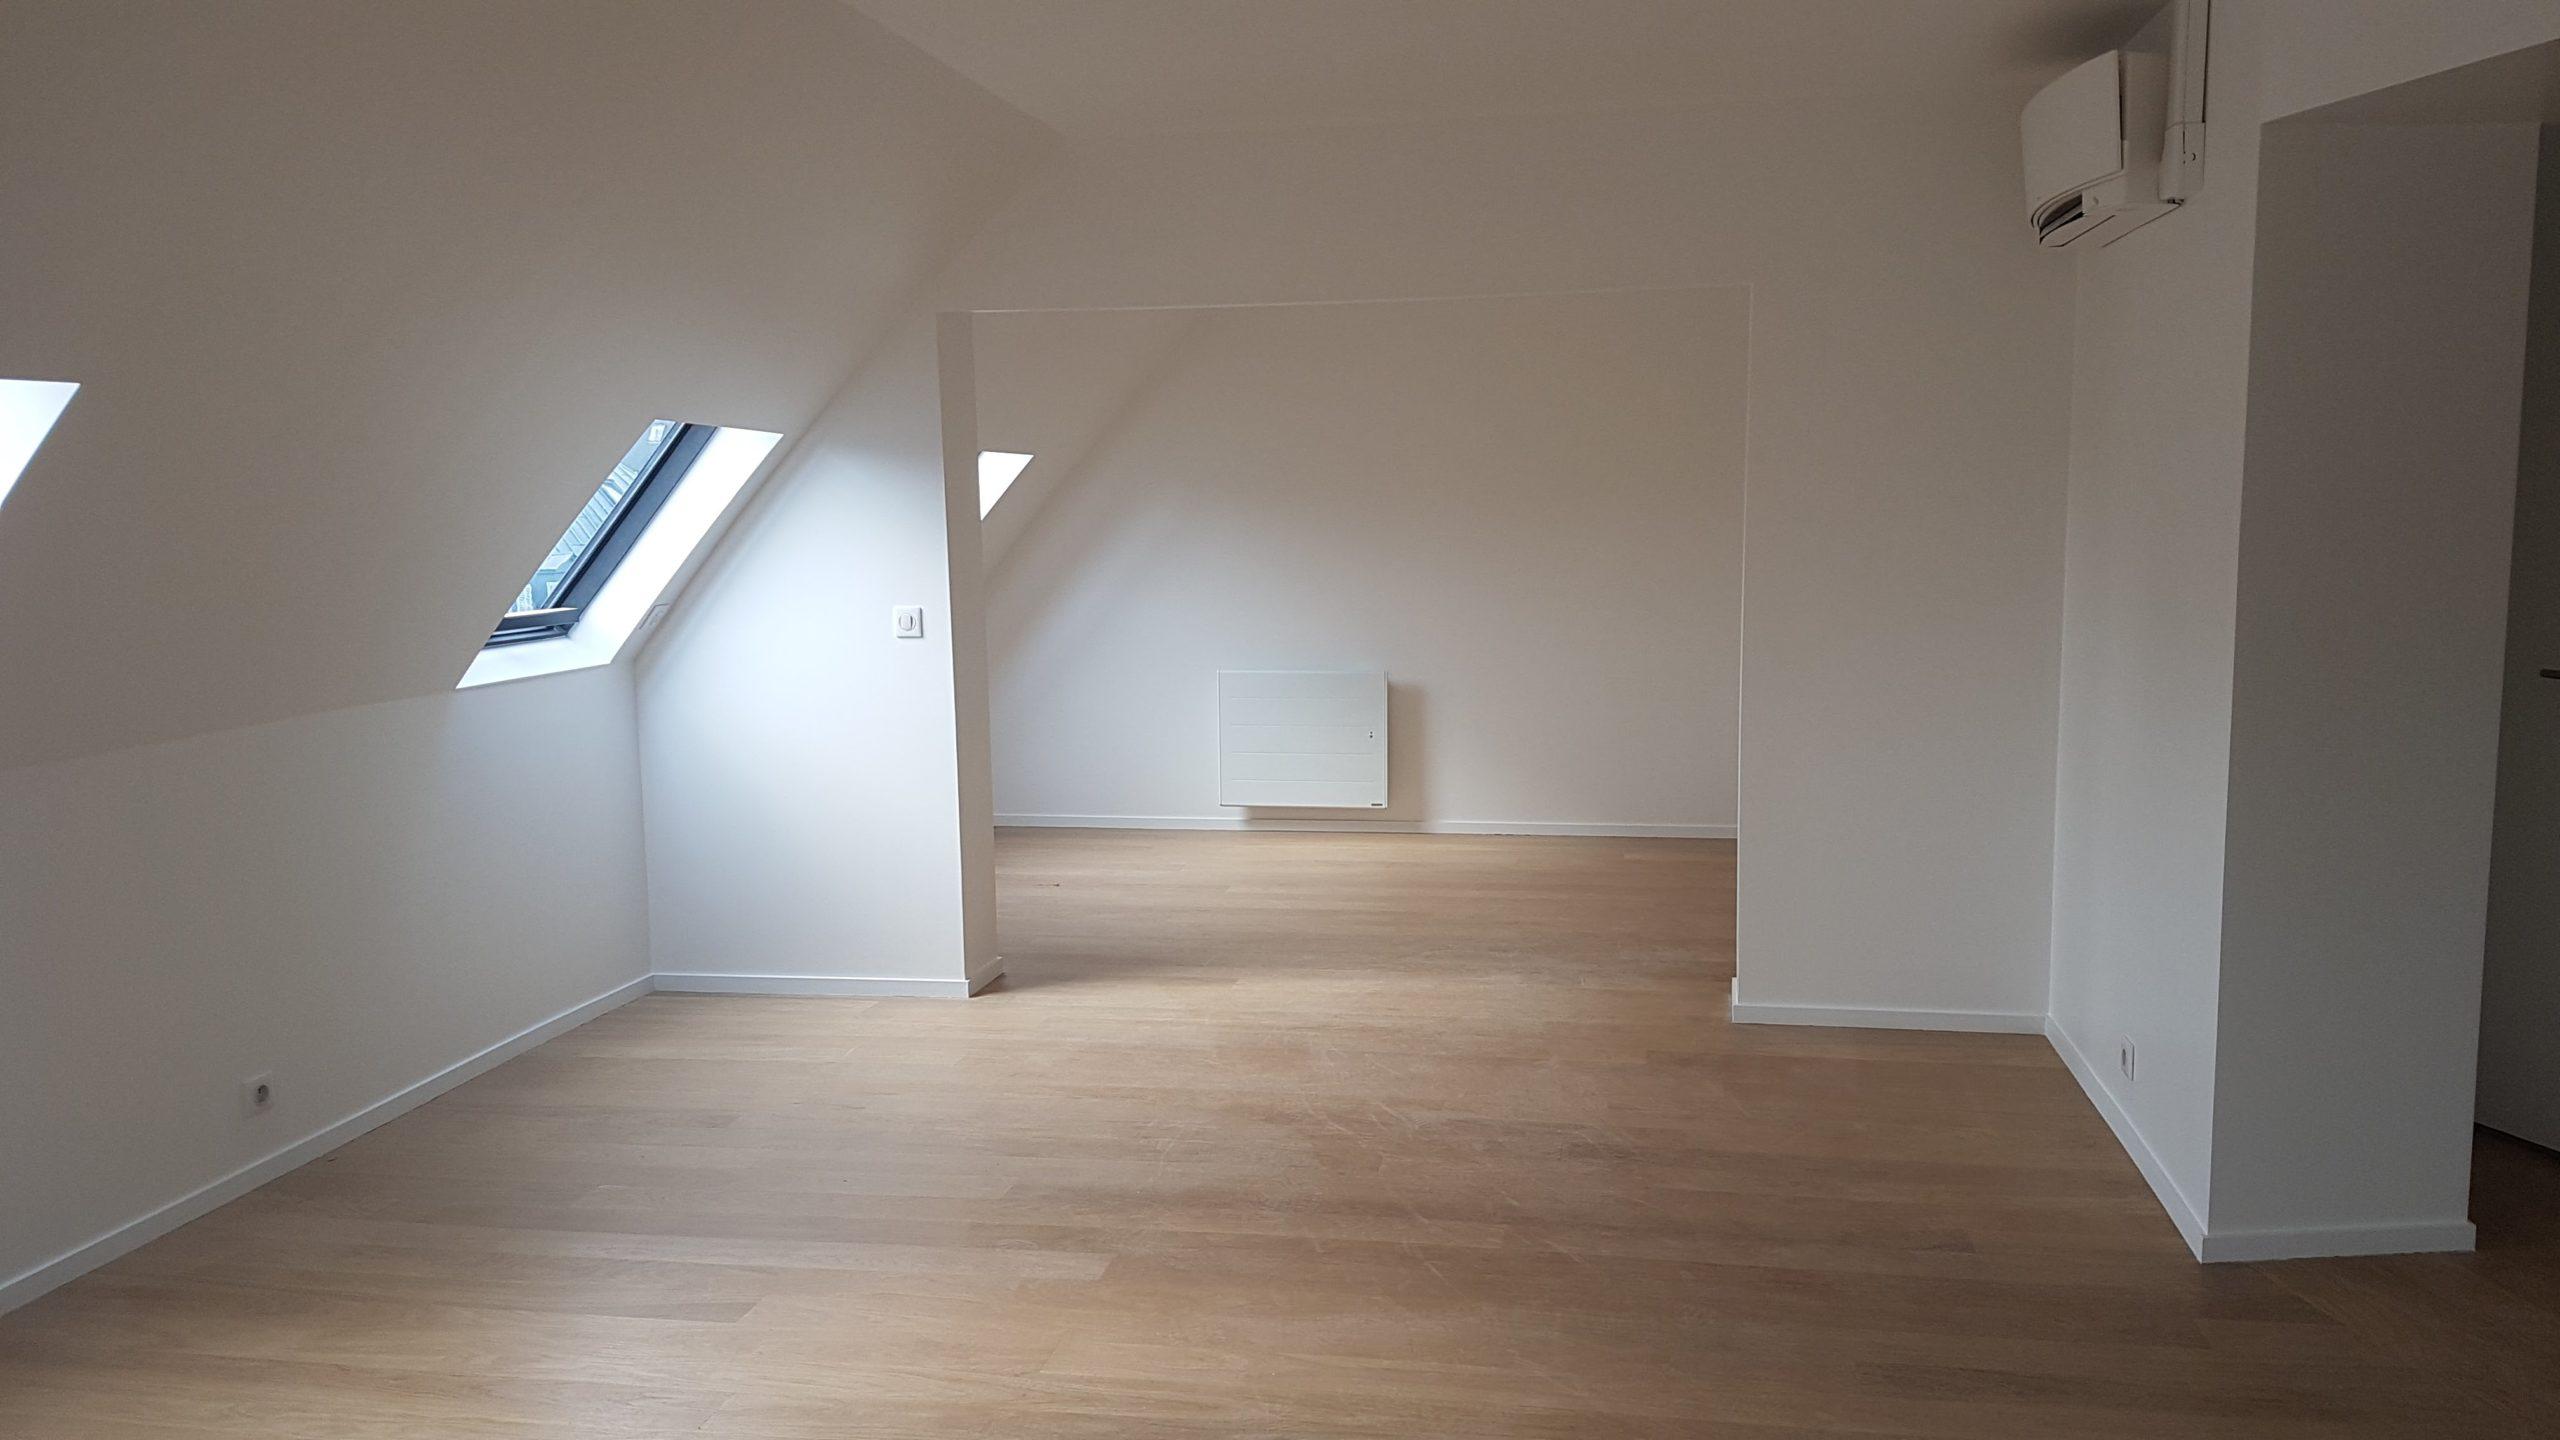 Vue d'une pièce sous pente avec sol en parquet